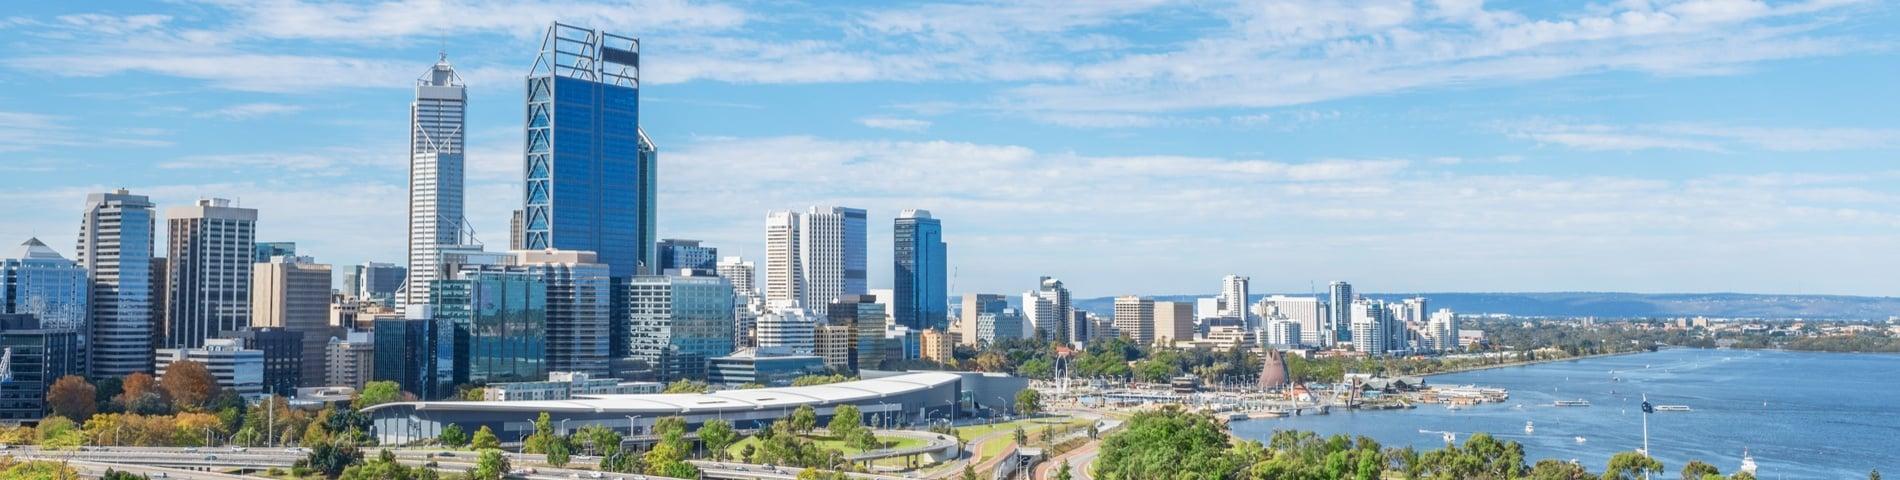 Dates calculator in Perth